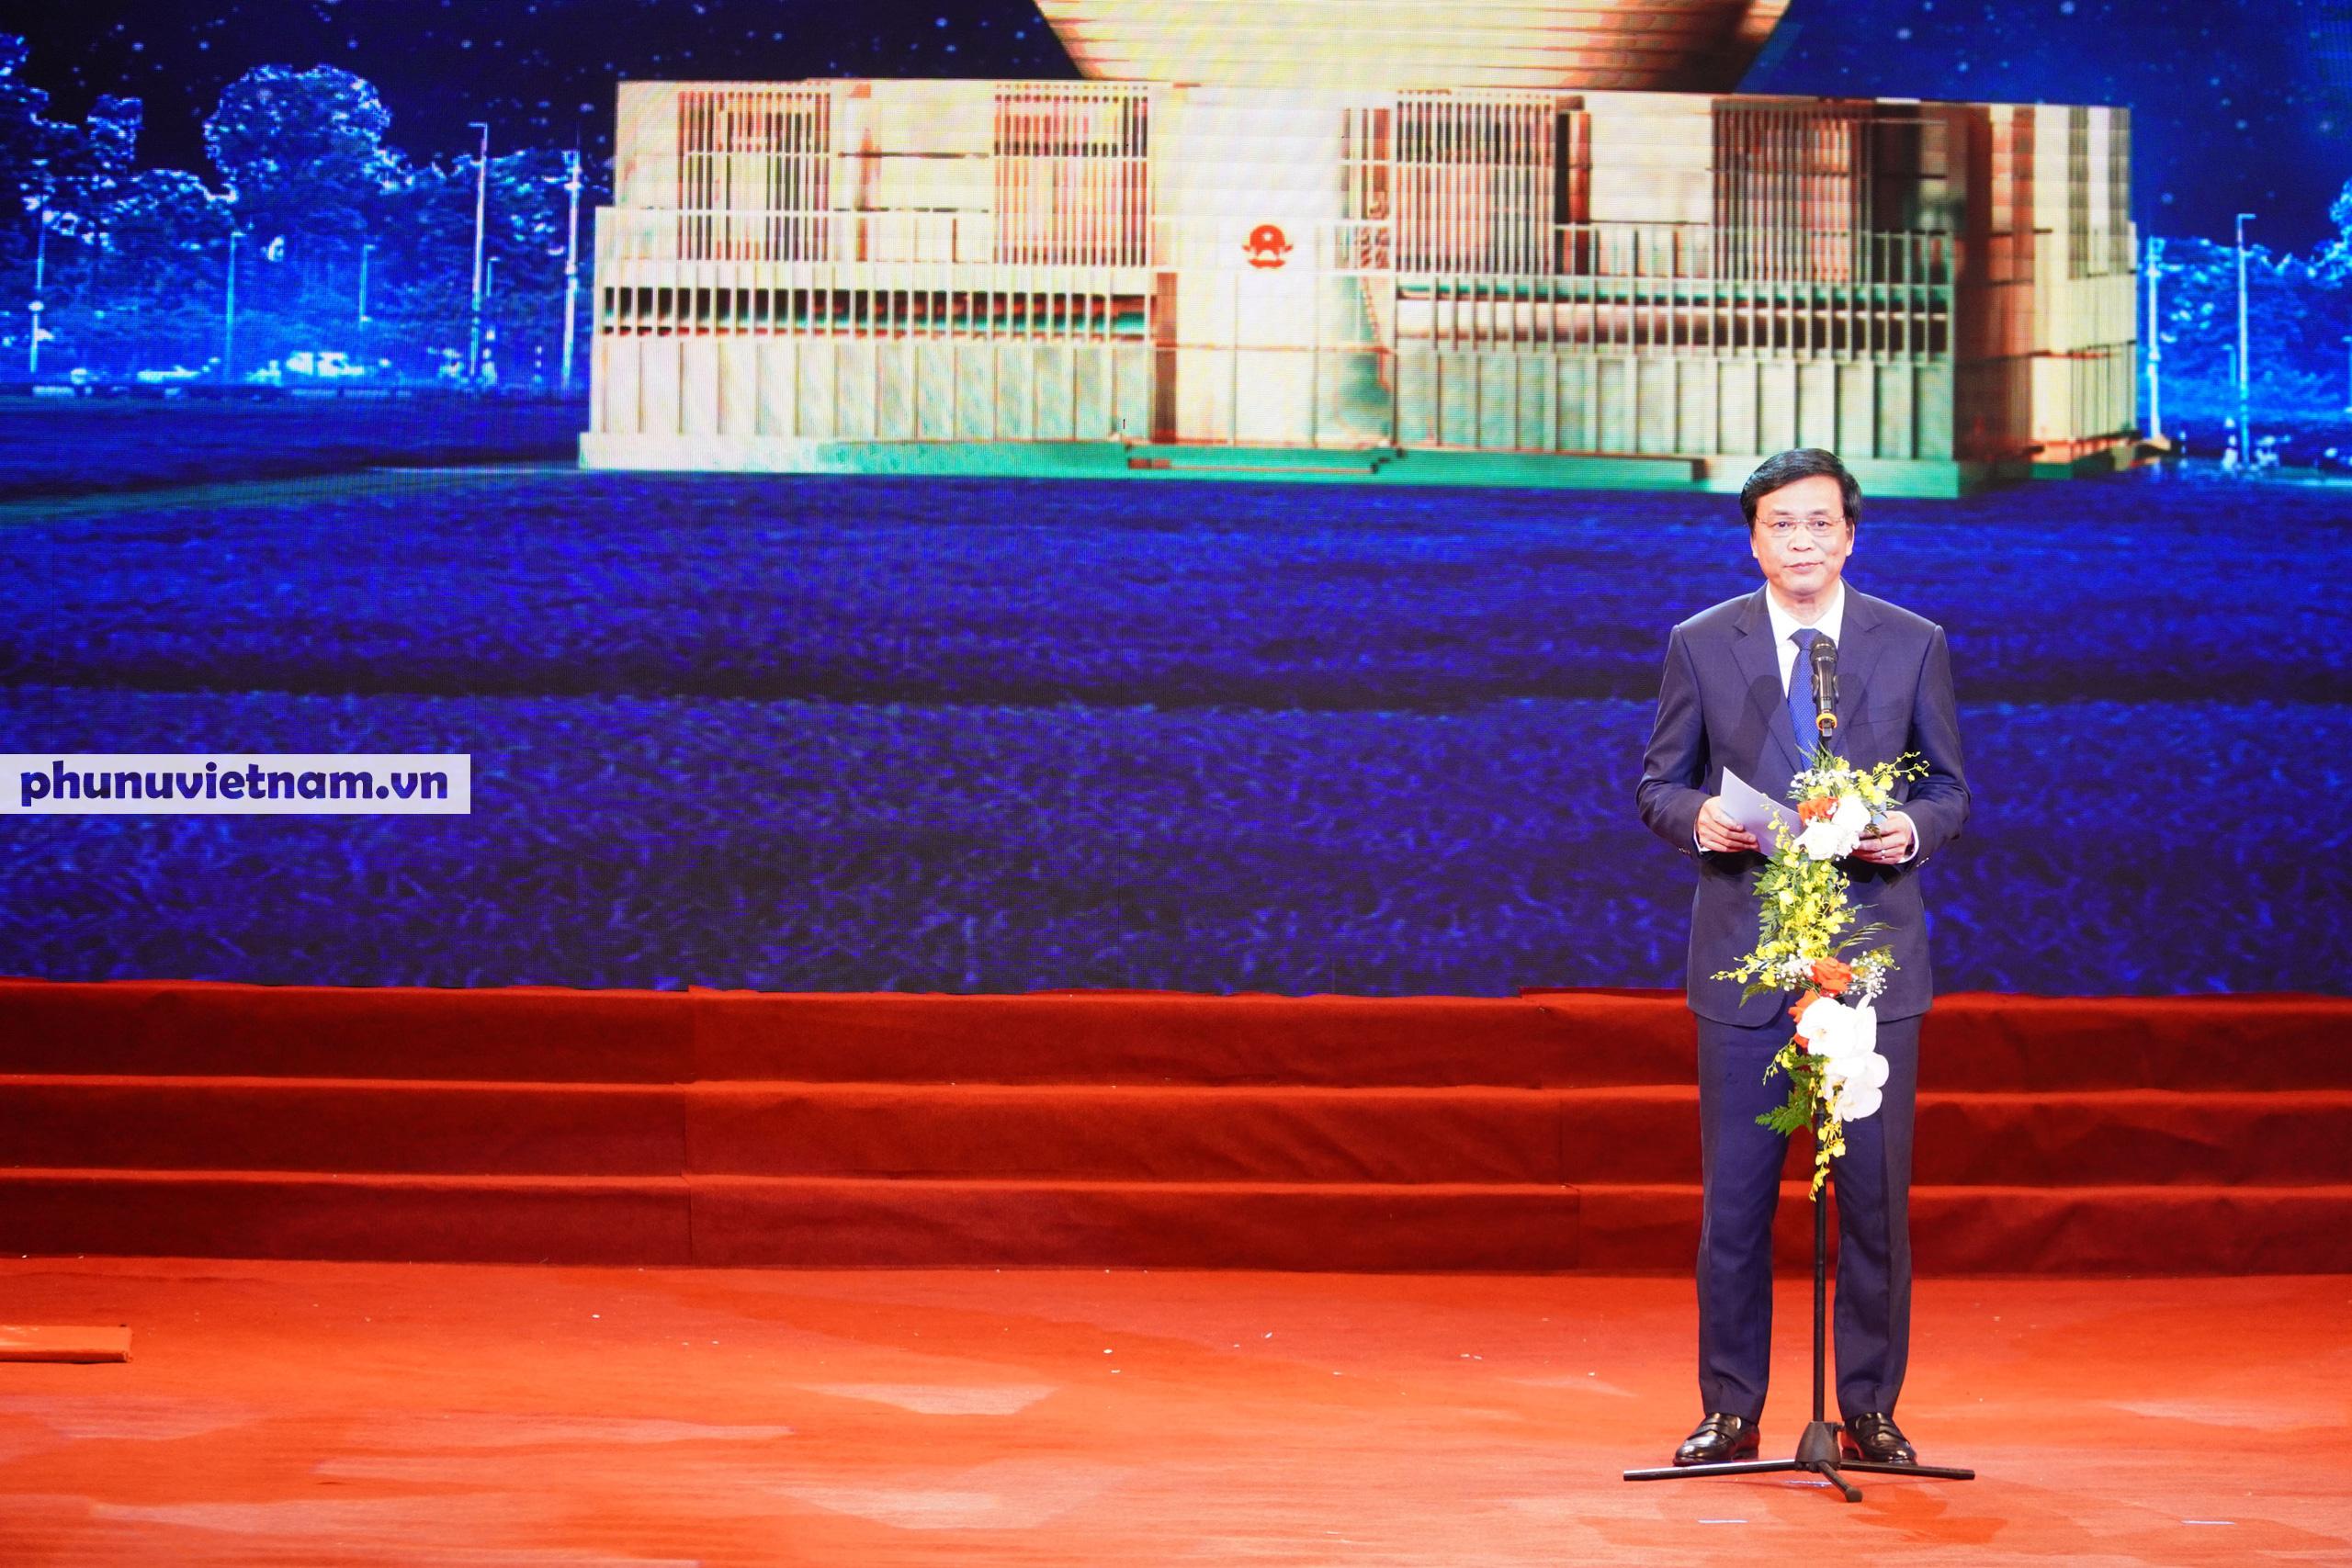 """Báo Phụ nữ Việt Nam đạt Giải C Giải Báo chí """"75 năm Quốc hội Việt Nam"""" - Ảnh 1."""